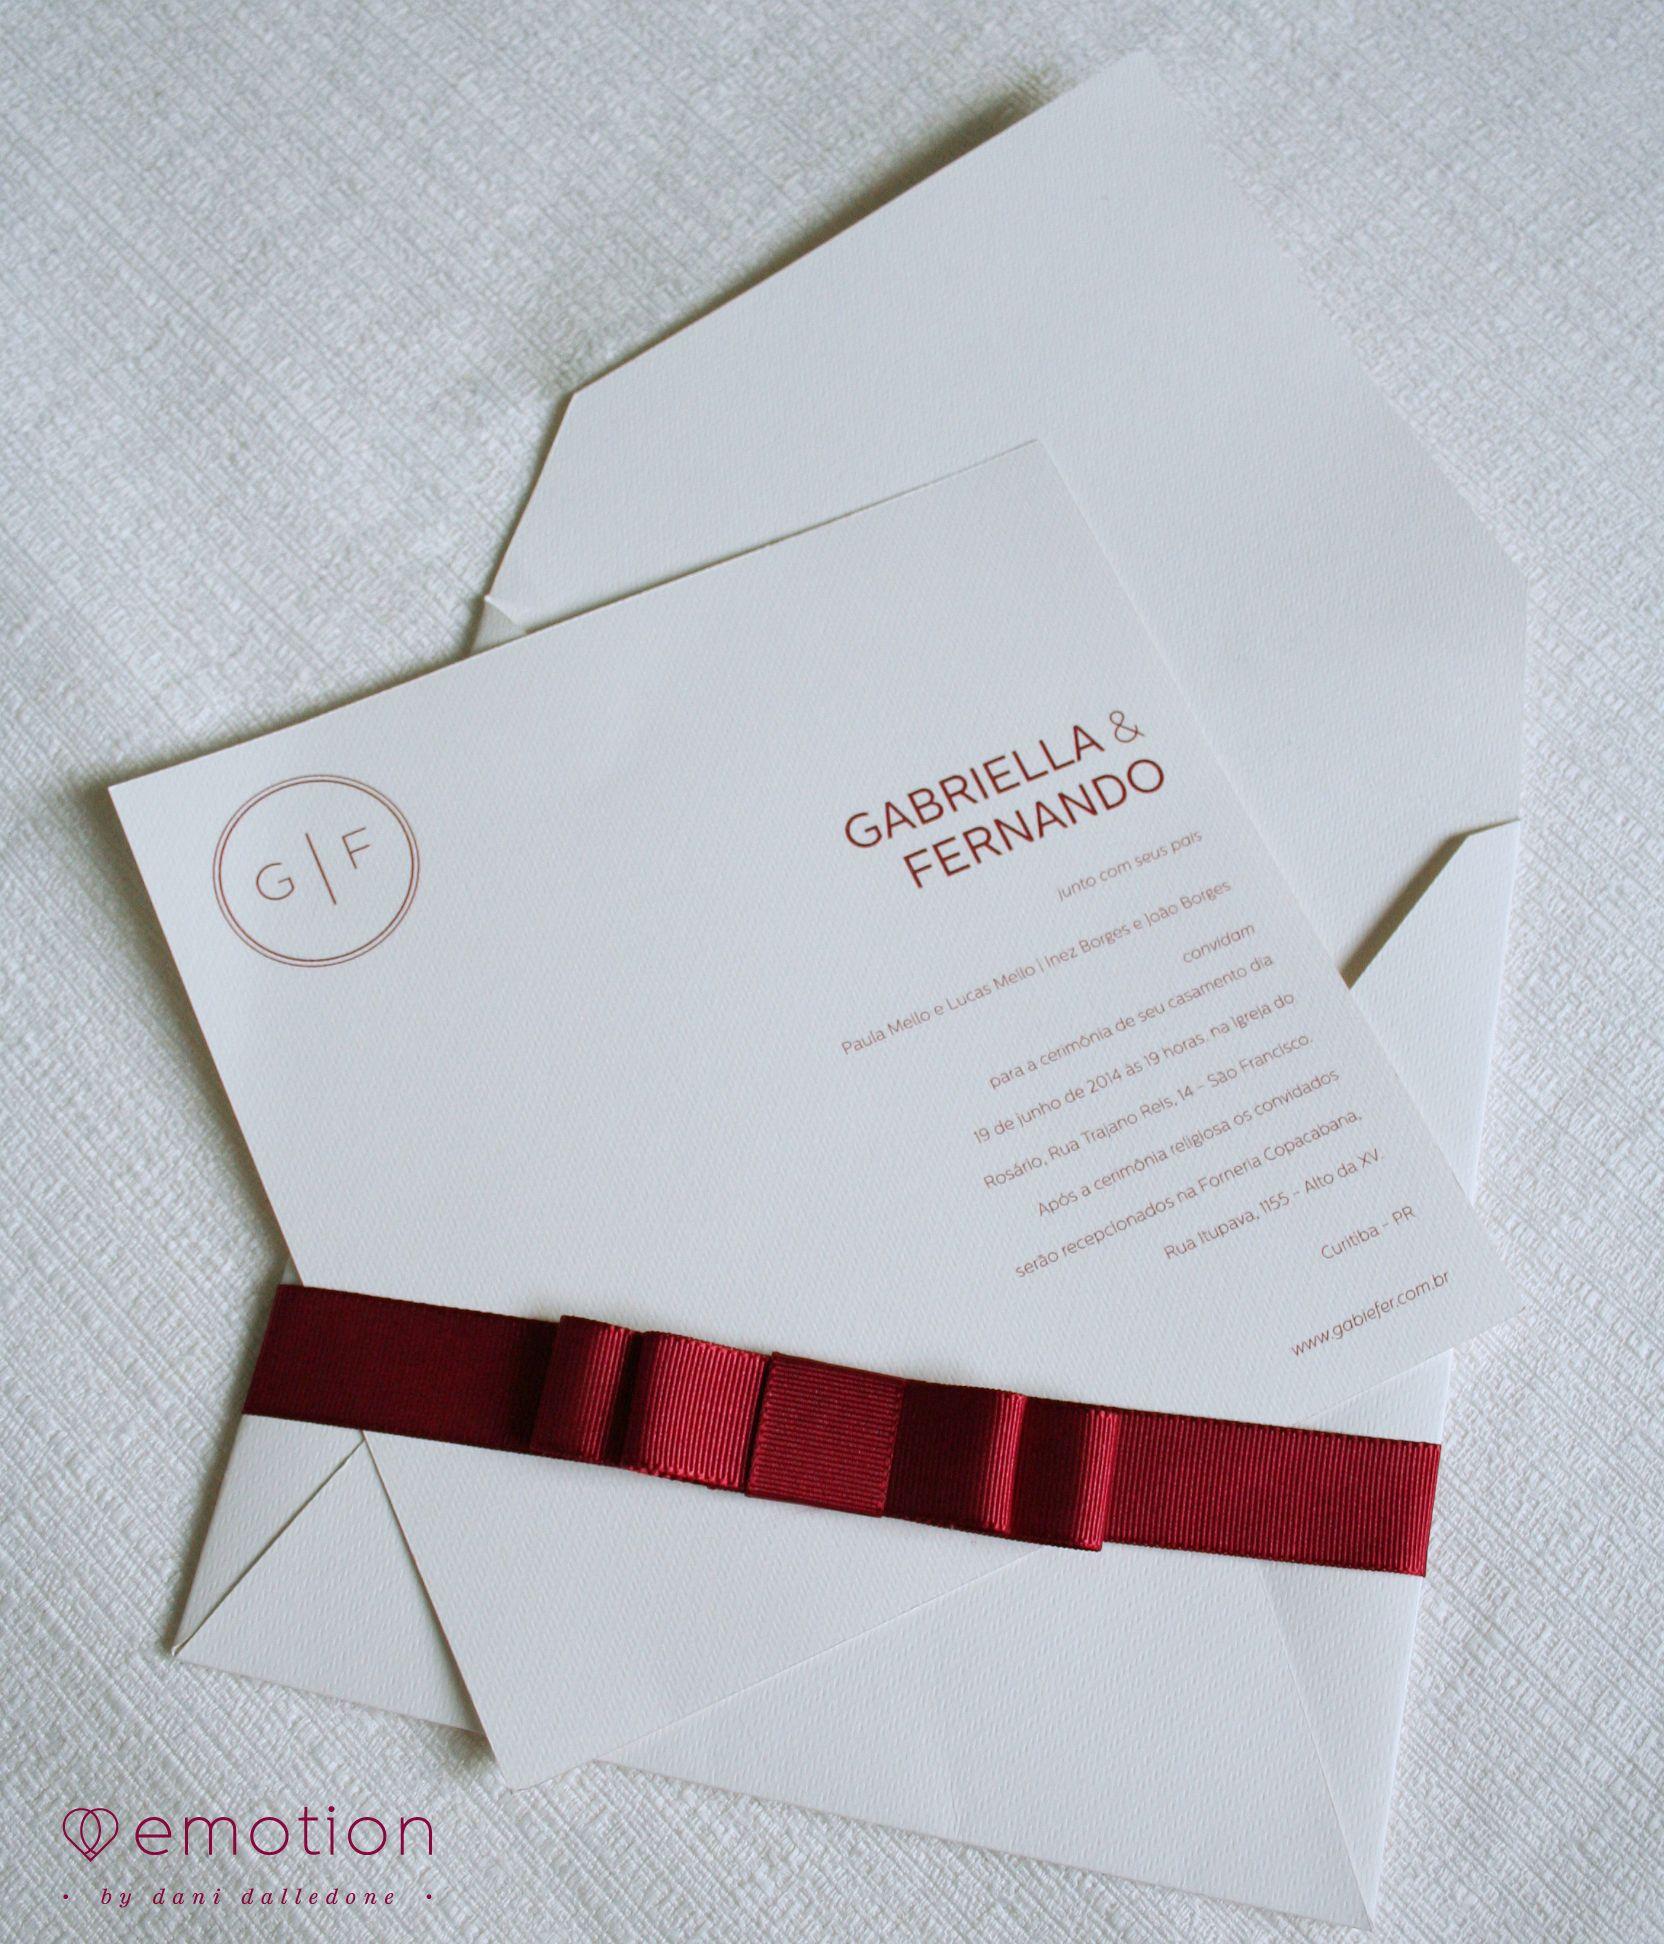 Modern Invitation | Clean Invitation |   Burgundy invitation | Convite minimalista | Convite Clean | Convite de casamento moderno | convite diferente